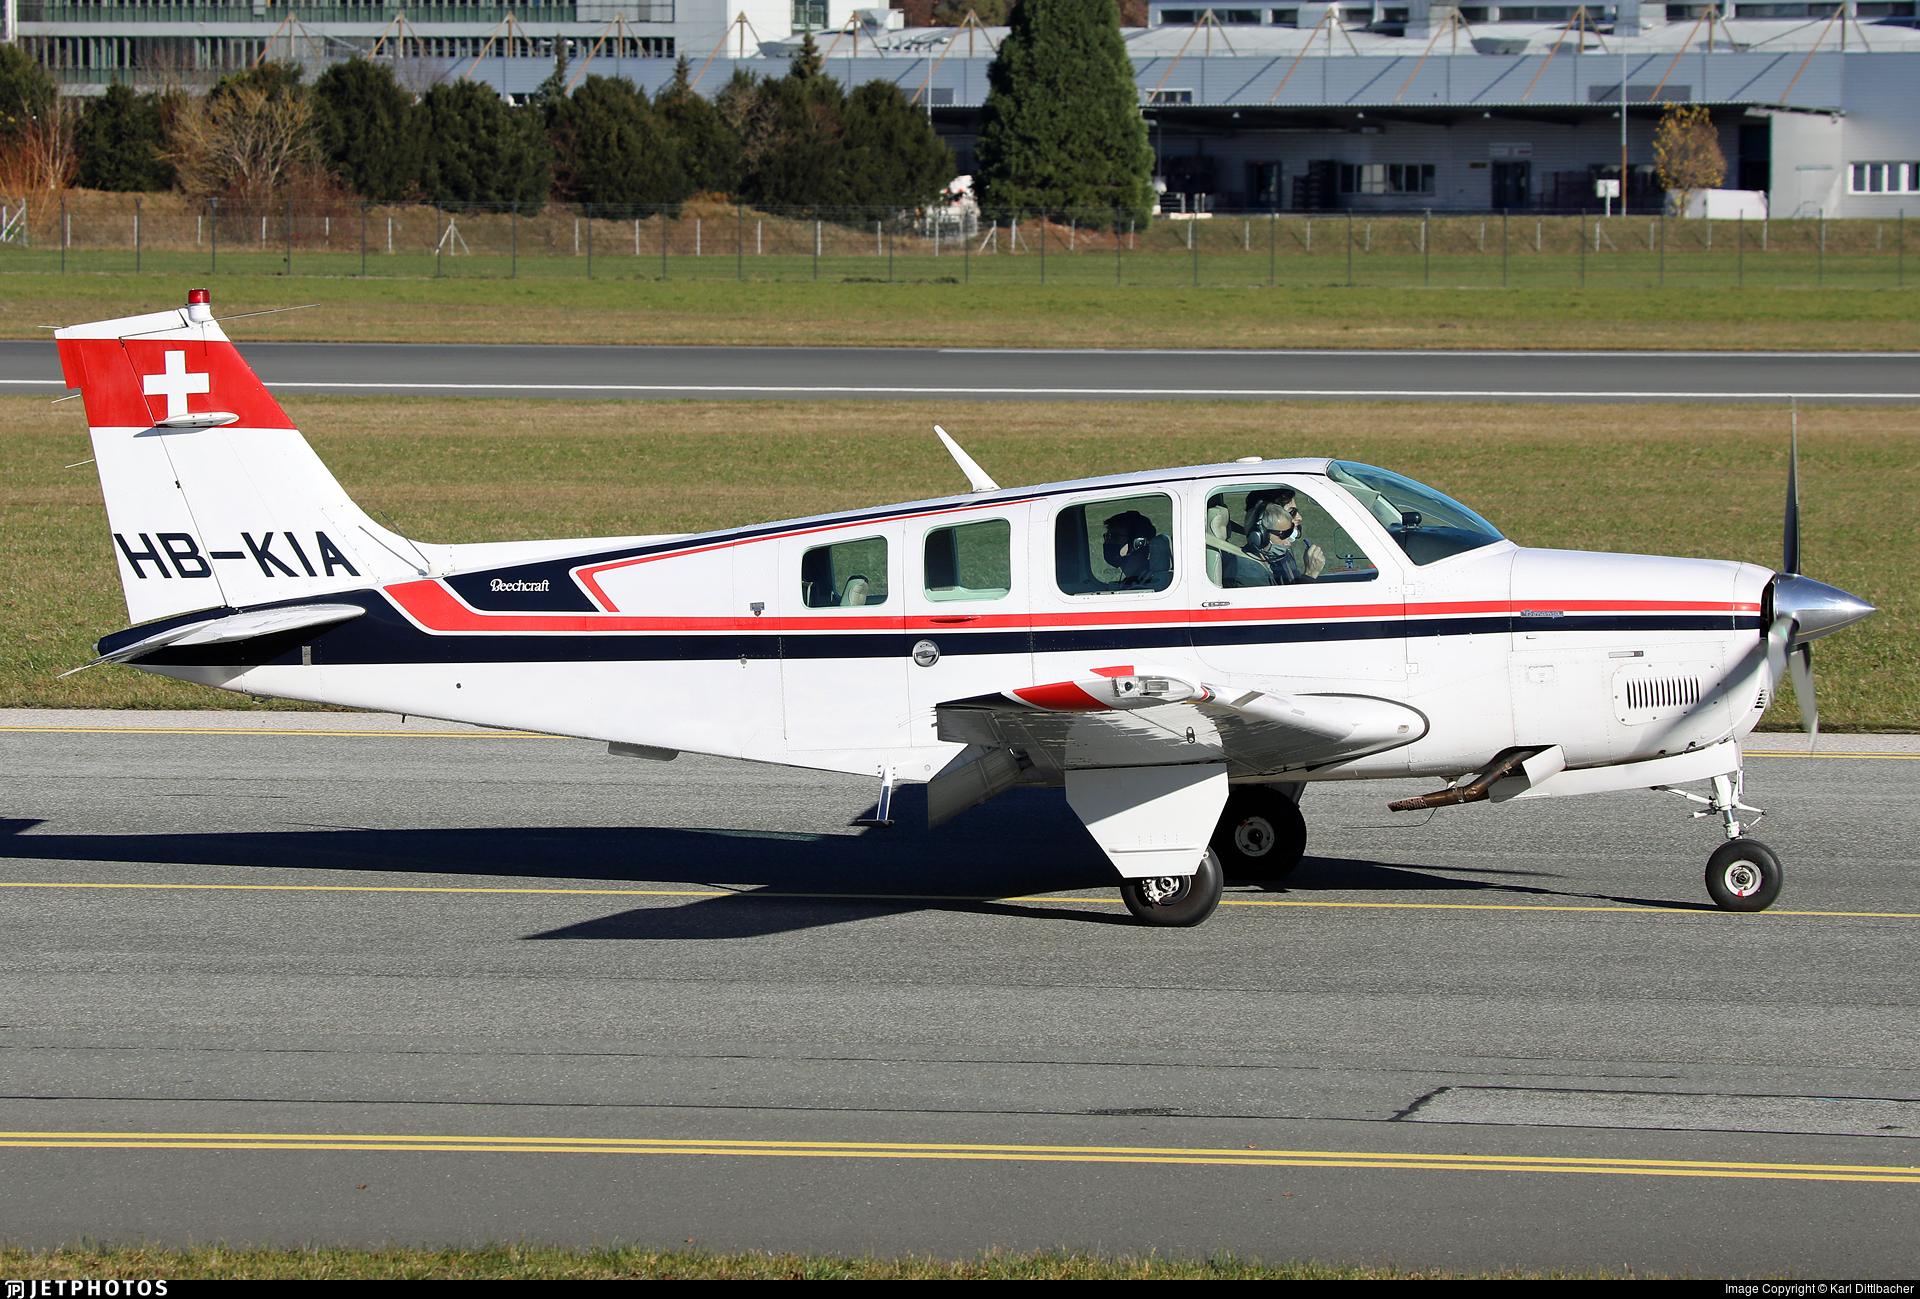 HB-KIA - Beechcraft 36 Bonanza - Switzerland - Bundesamt für Zivilluftfahrt (Federal Office of Civil Aviation)